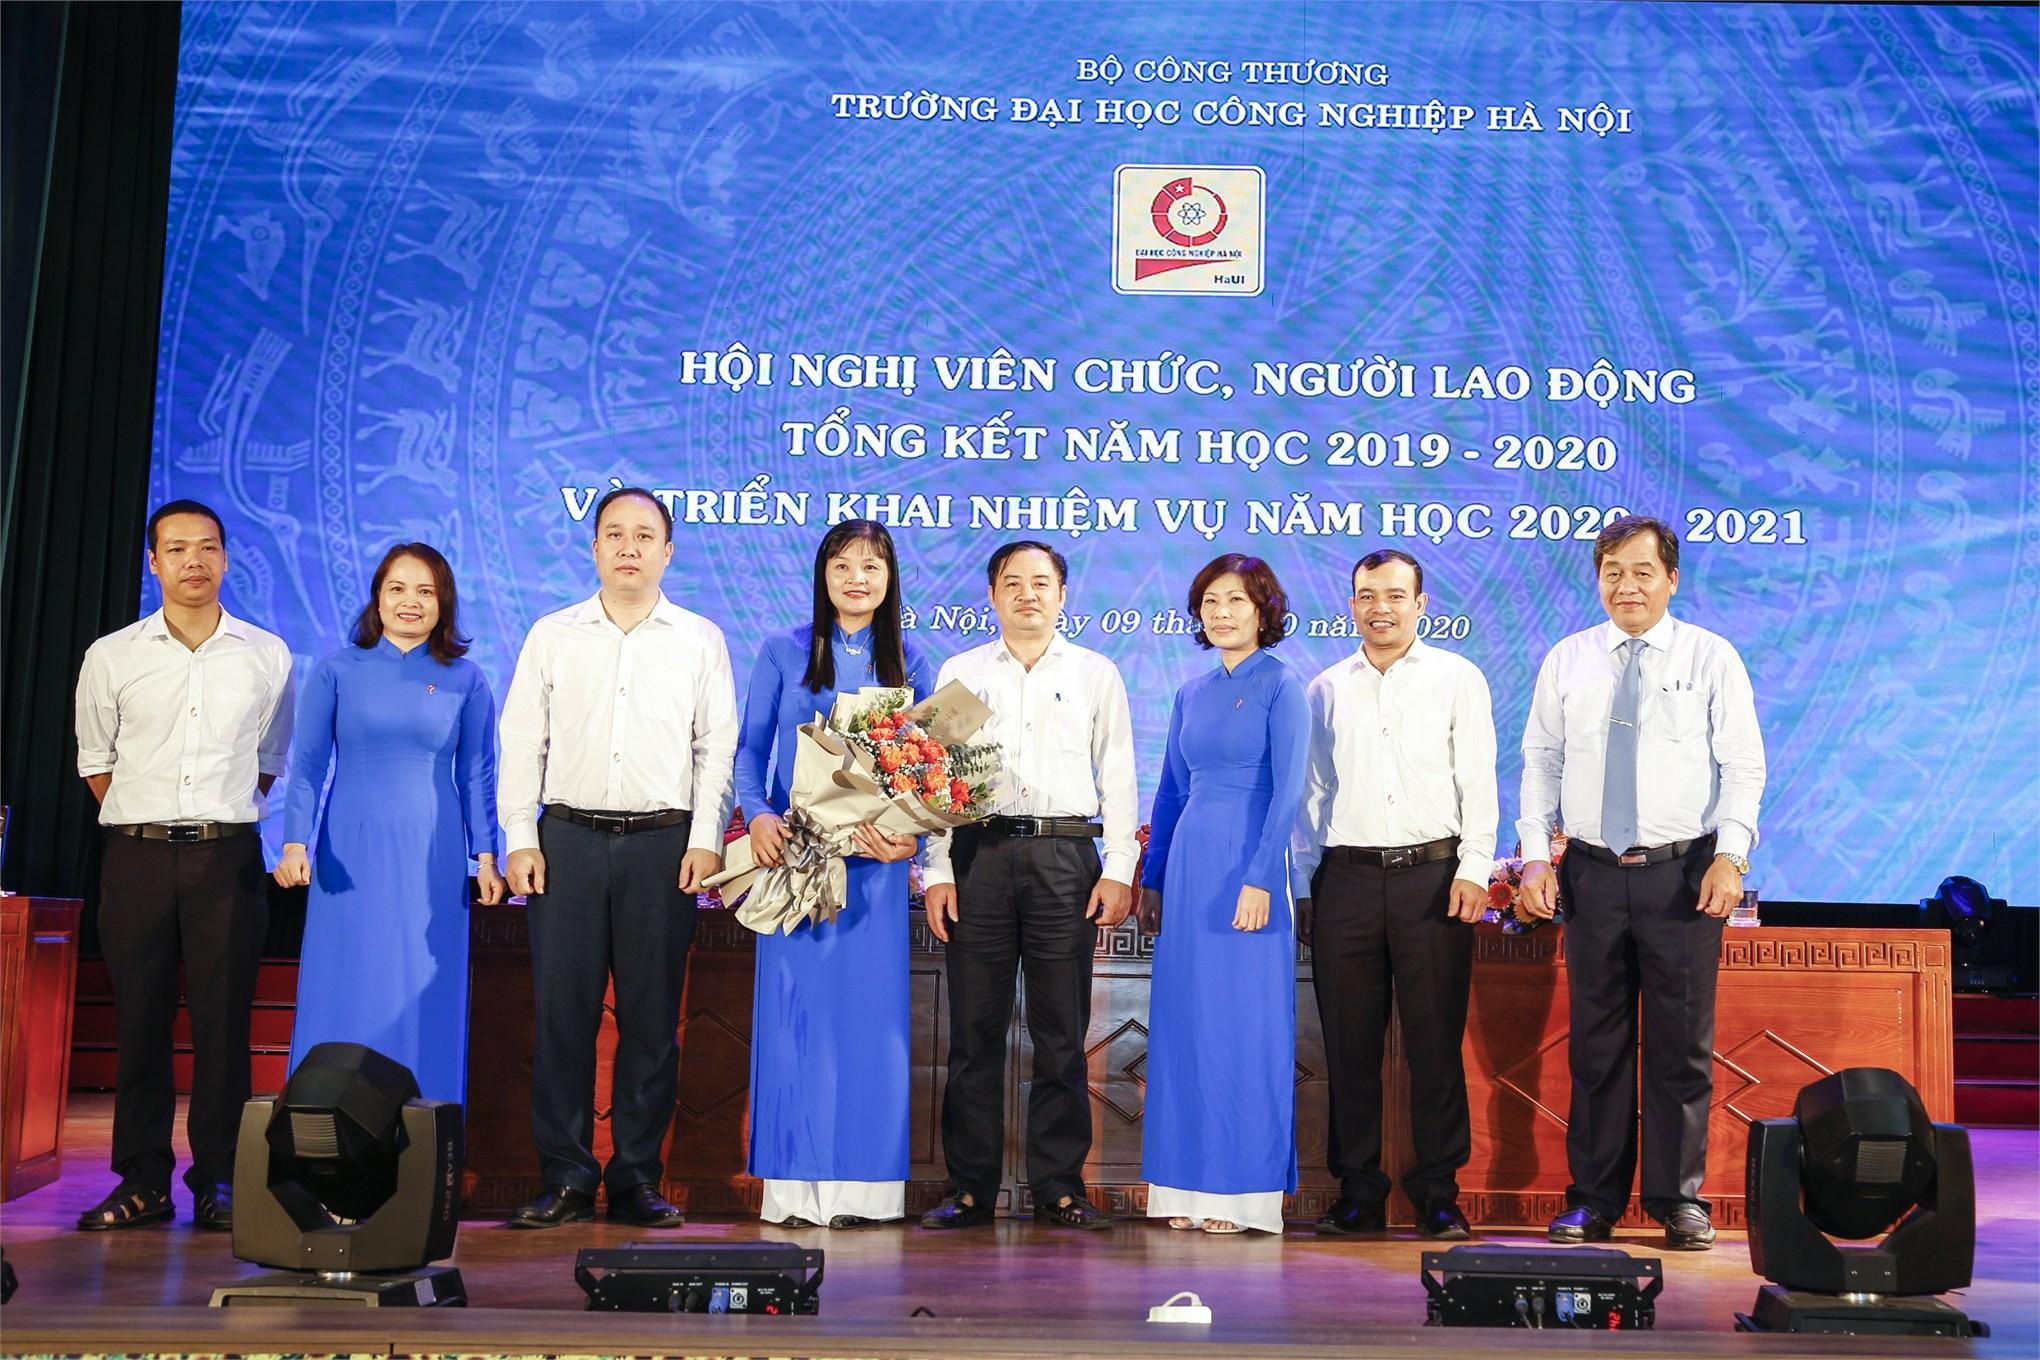 Ban Thanh tra nhân dân ra mắt Hội nghị